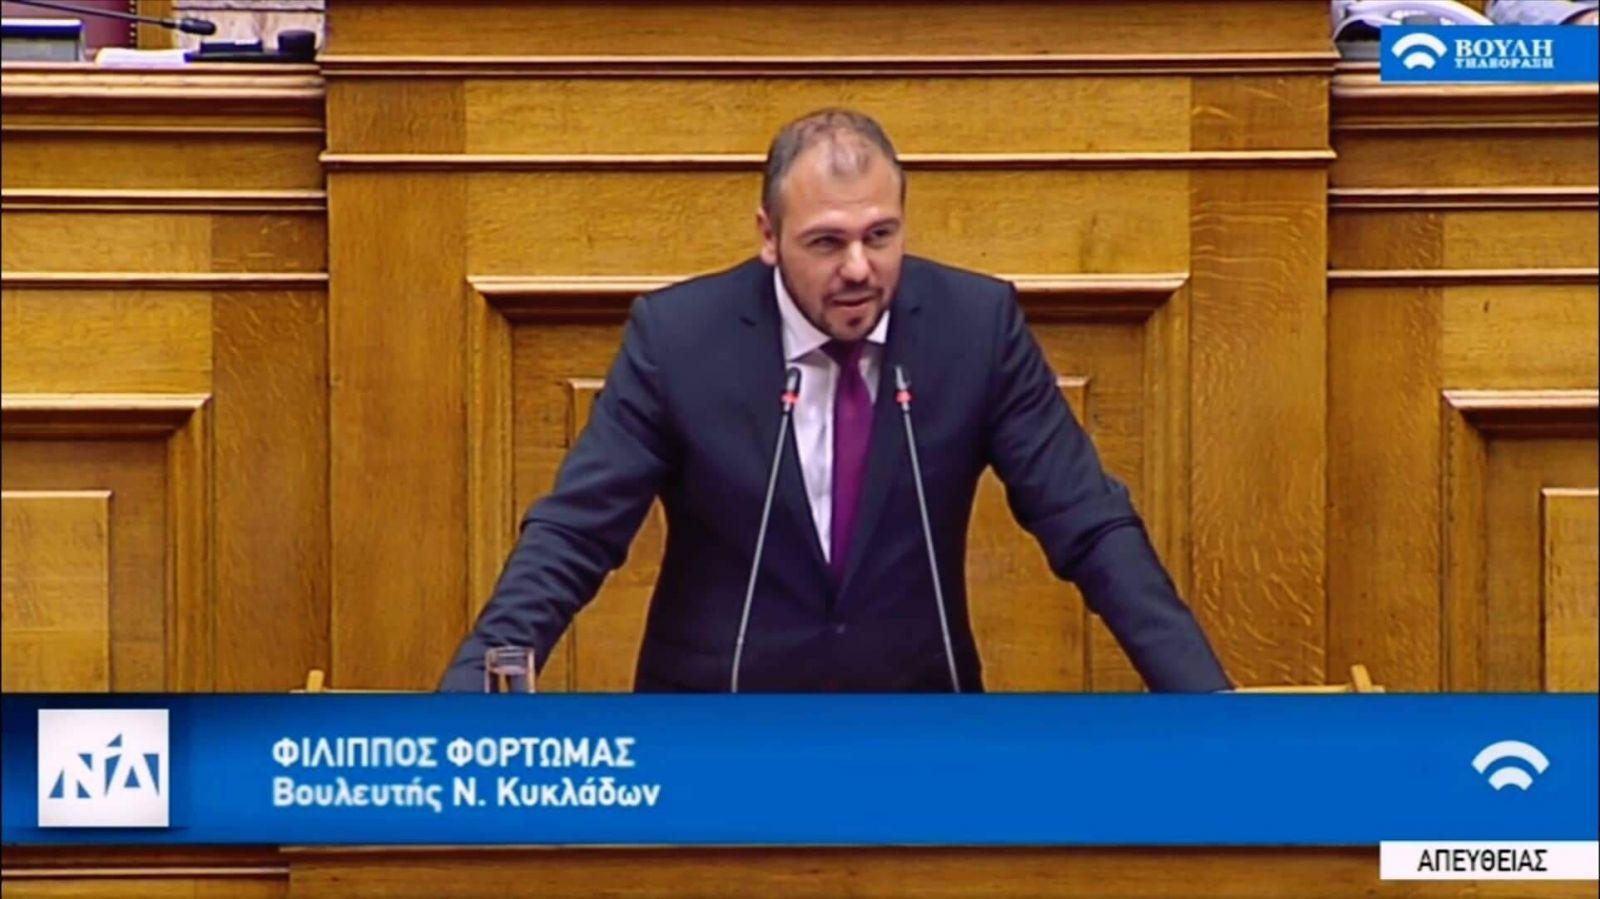 Ομιλία Φόρτωμα στη Βουλή για τον Αναπτυξιακό Νόμο